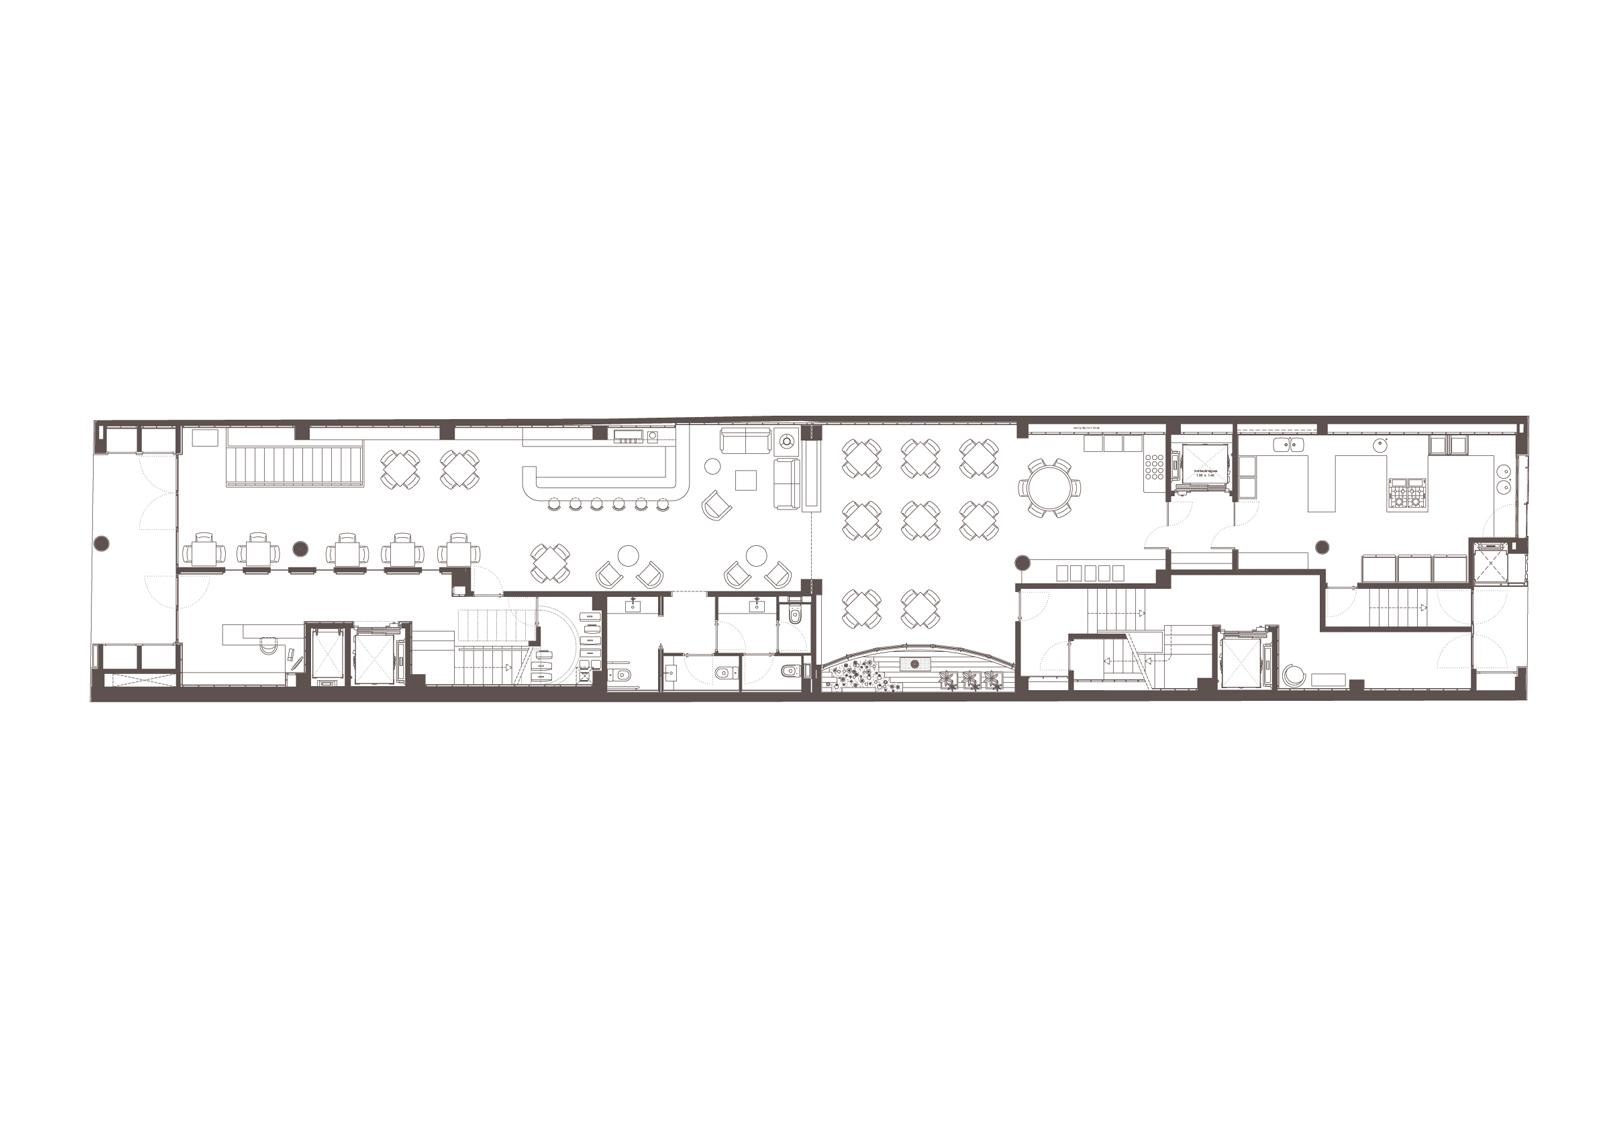 Planta baixa. Projecte d'obra nova: 2015 Hotel de 4* entre mitgeres